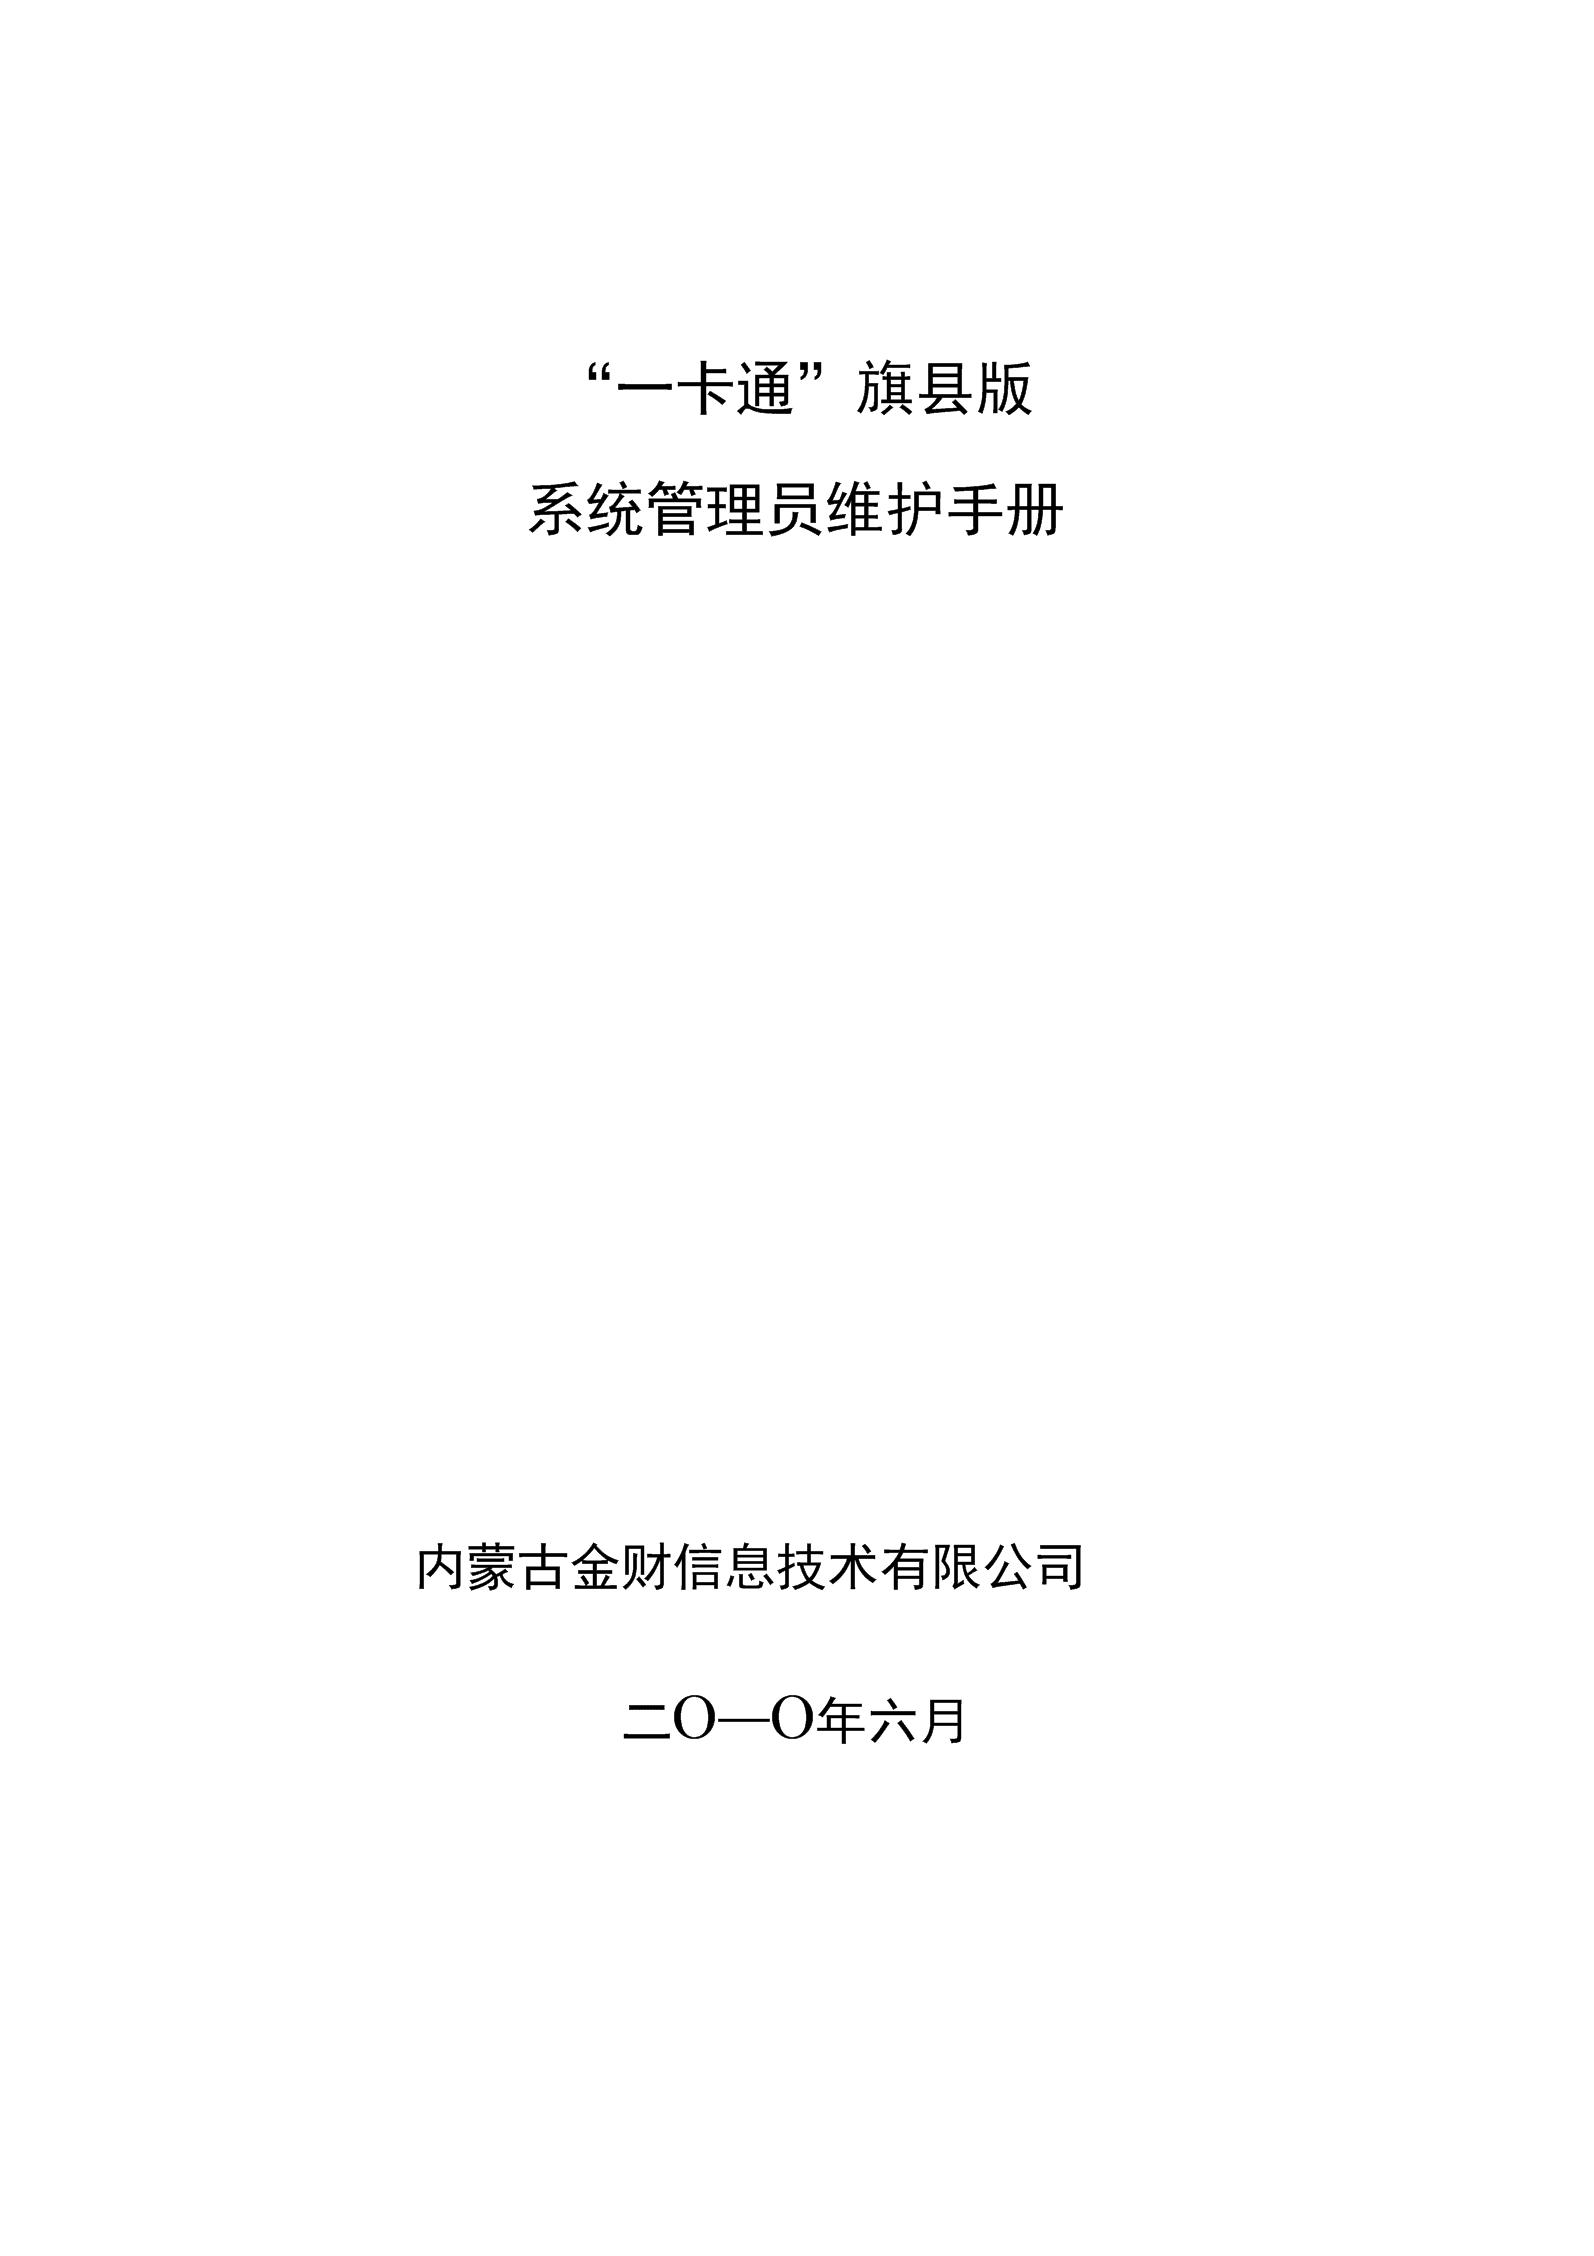 一卡通旗县版系统管理员维护手册.docx